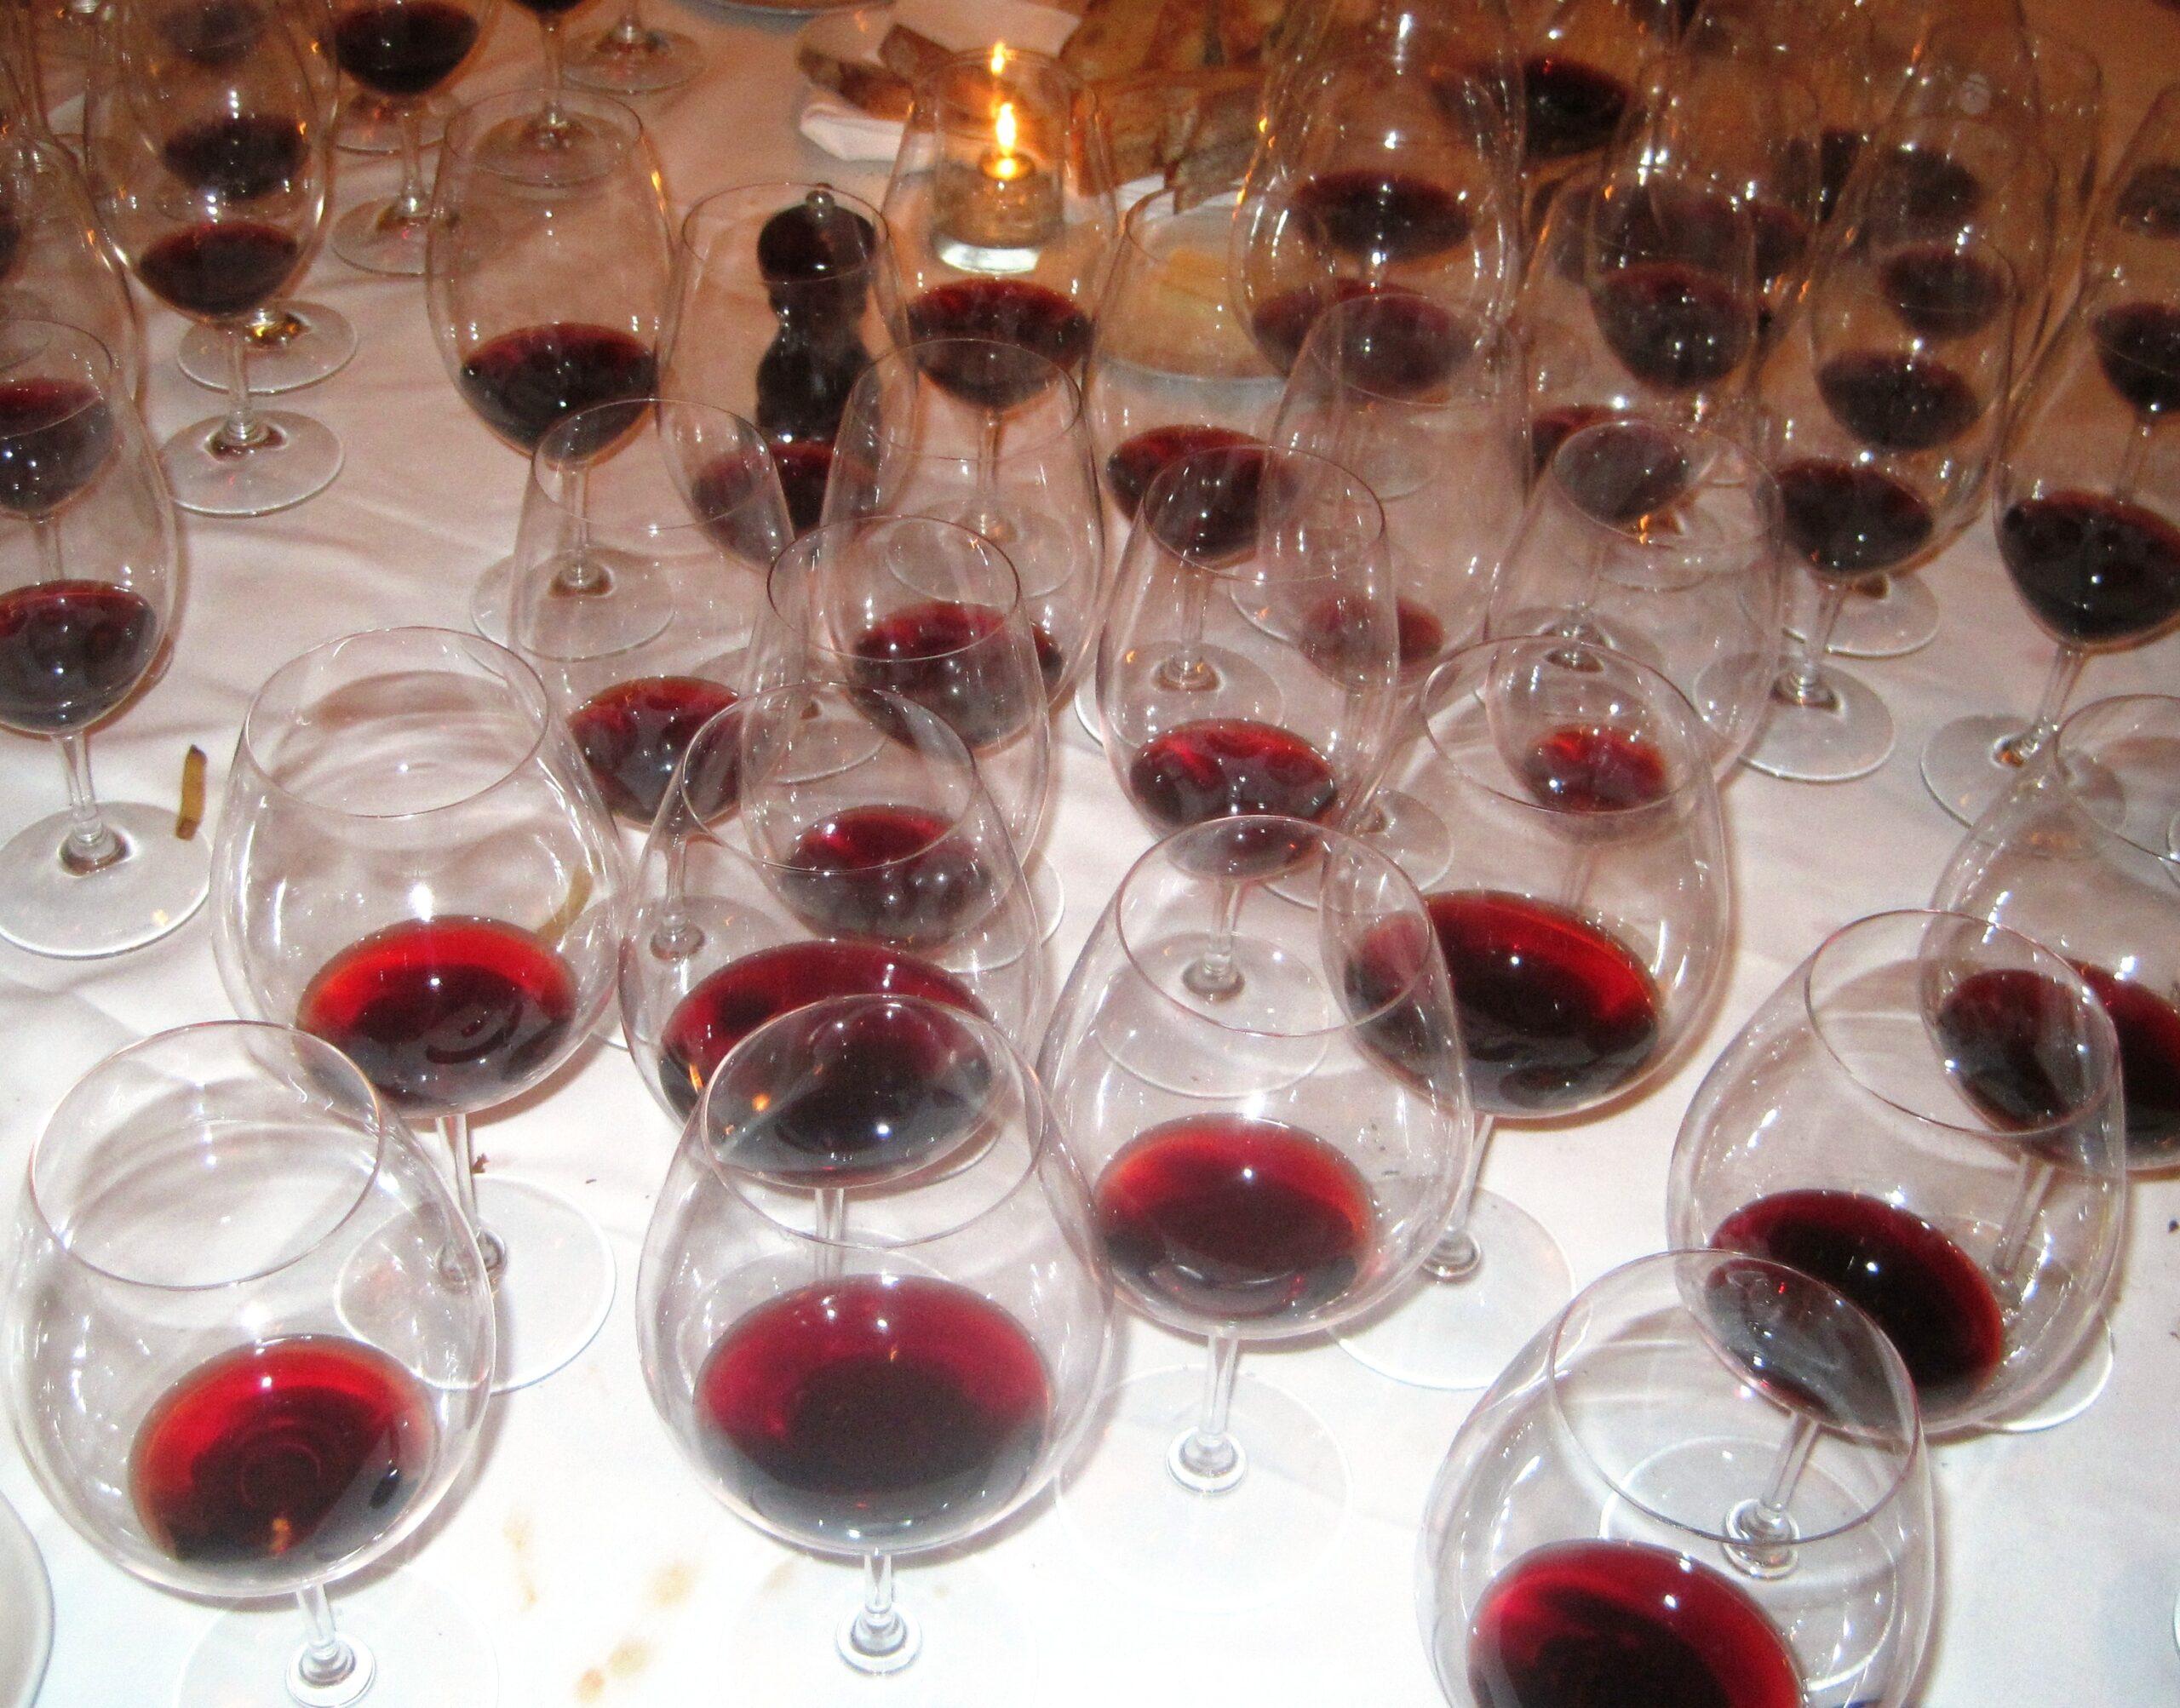 7 Blind men taste La Turque, Chateau Margaux, Lafleur, Pavie and more!